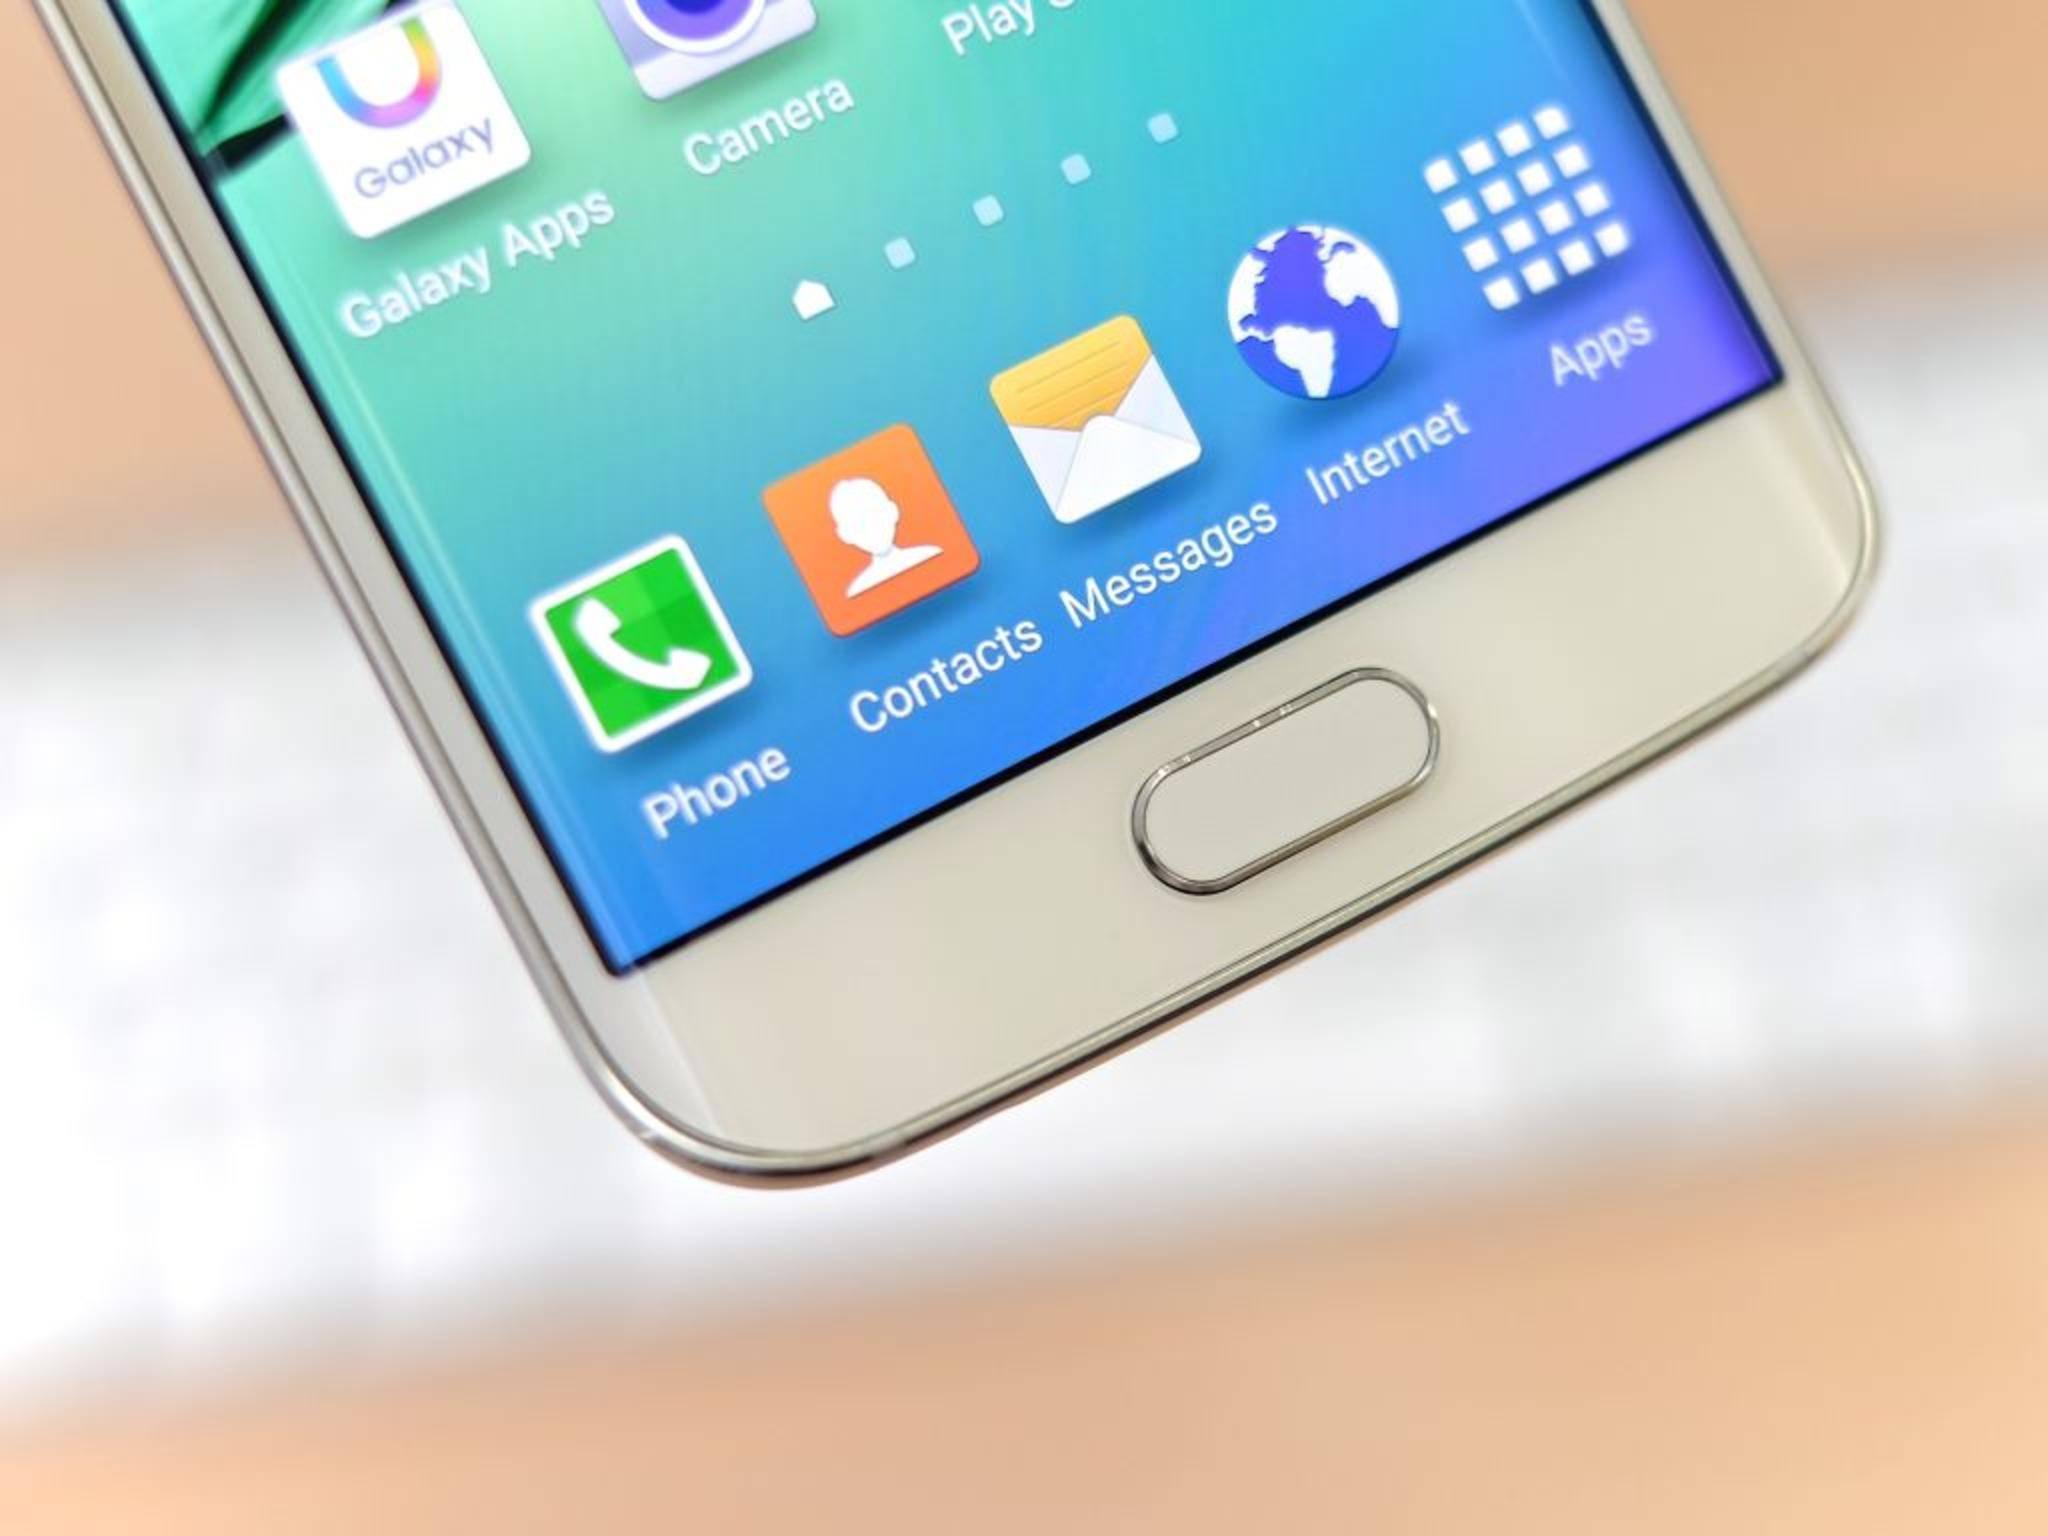 Das Galaxy S6 Edge+ wird wohl am 13. August offiziell enthüllt.